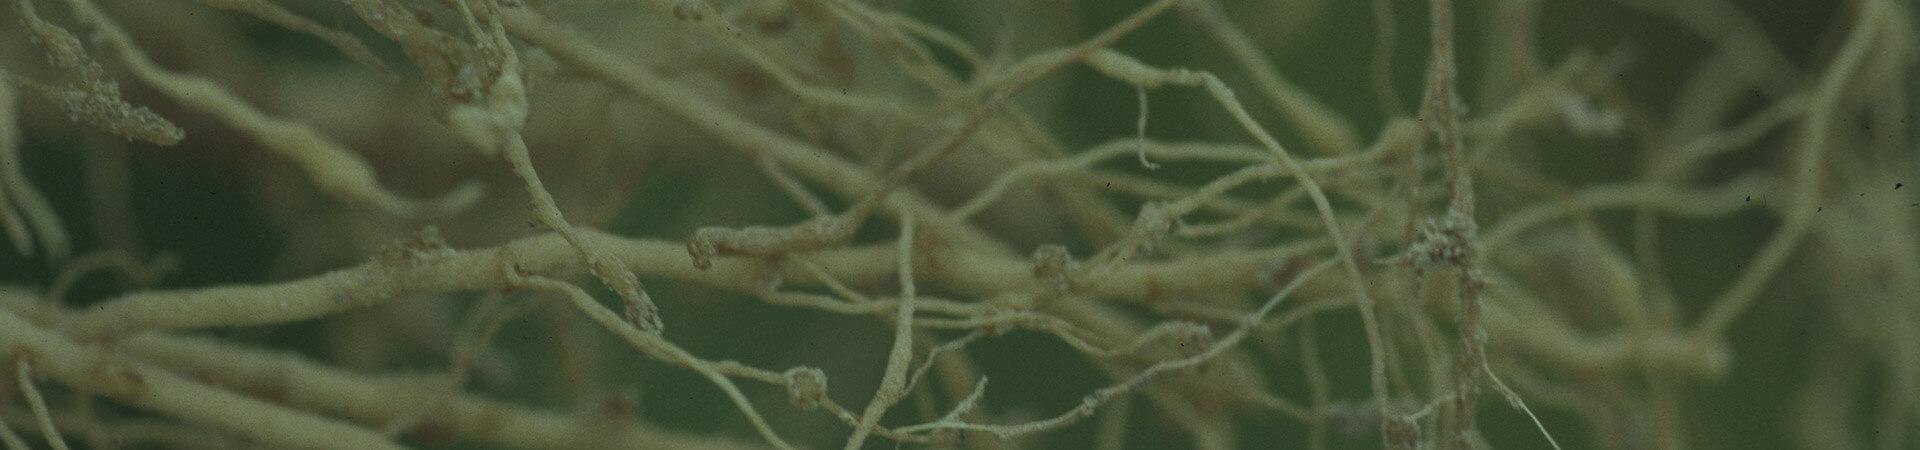 Nematoides na cultura do pimentão